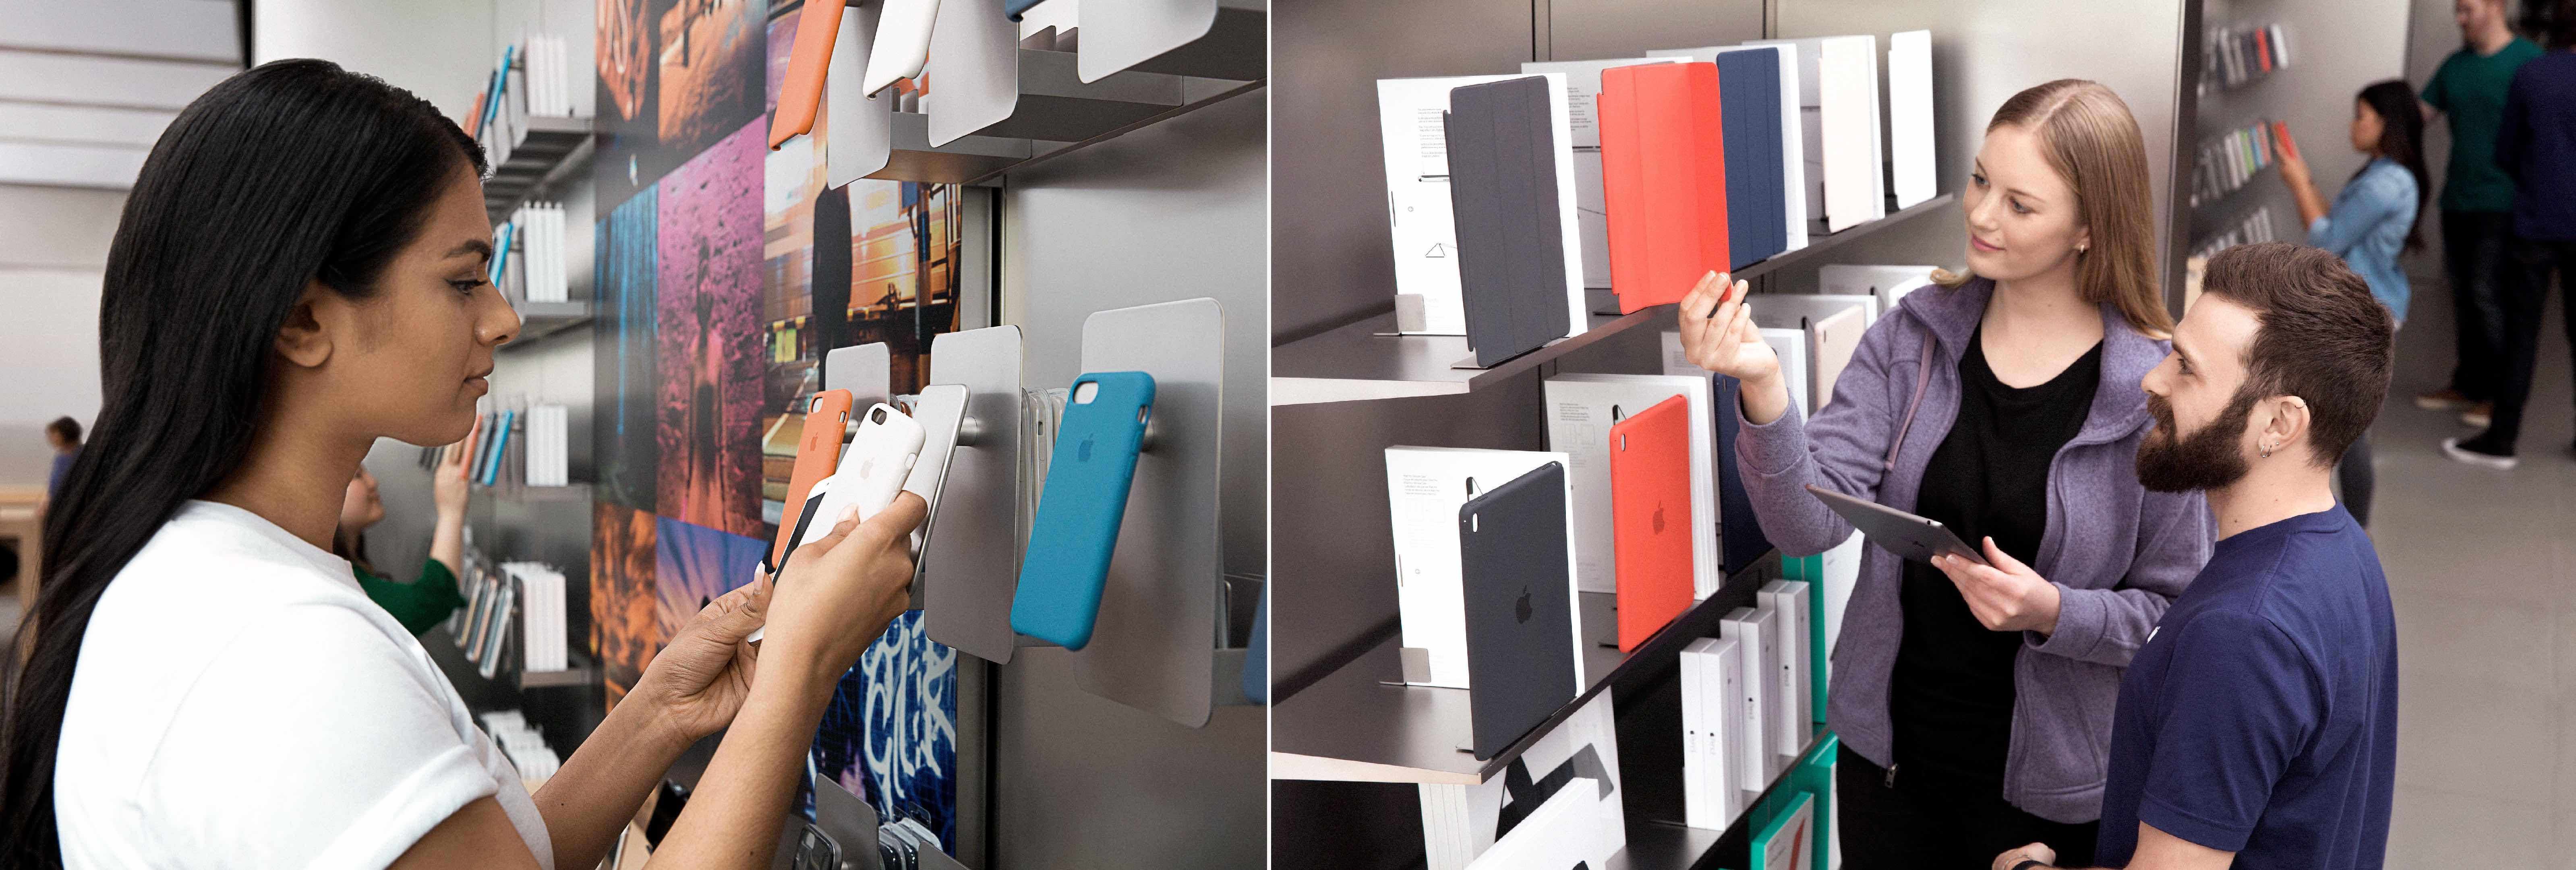 Apple Store nieuwe rekken accessoires 001